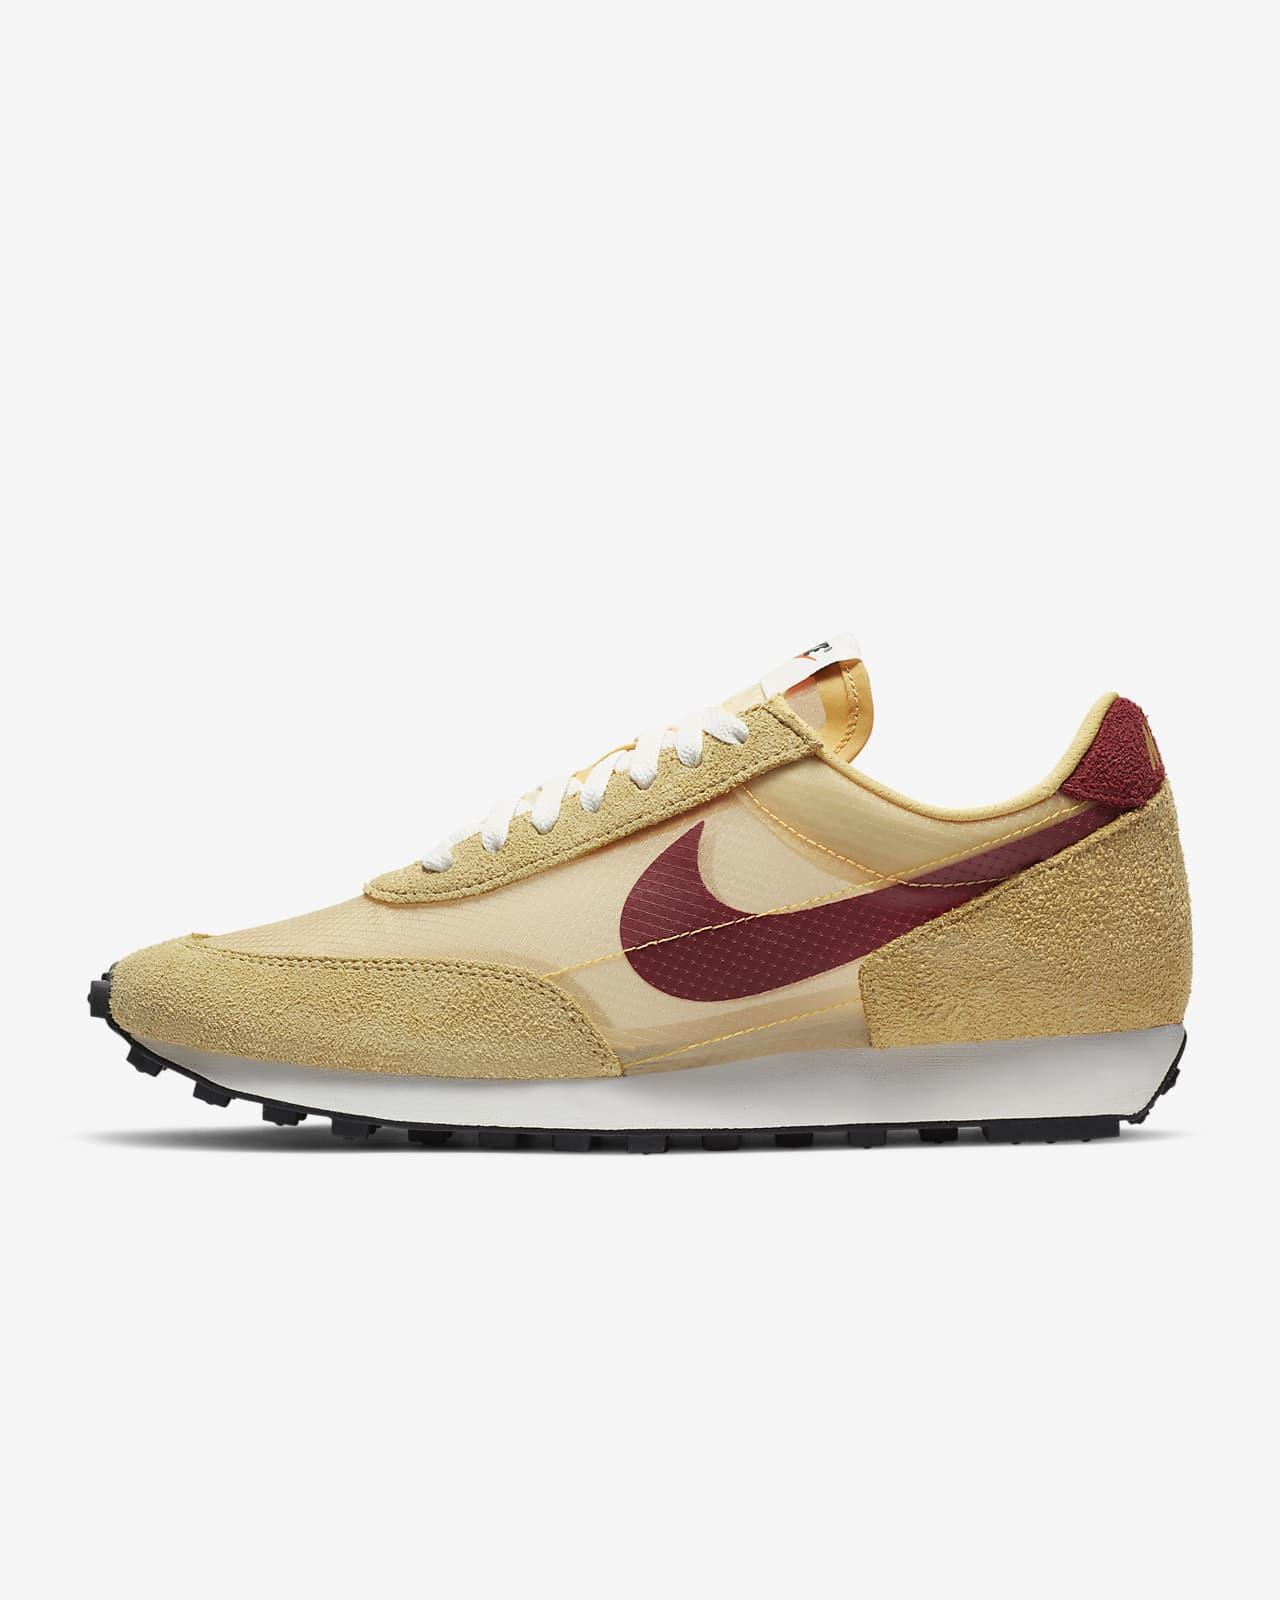 Nike DBreak SP Men's Shoe